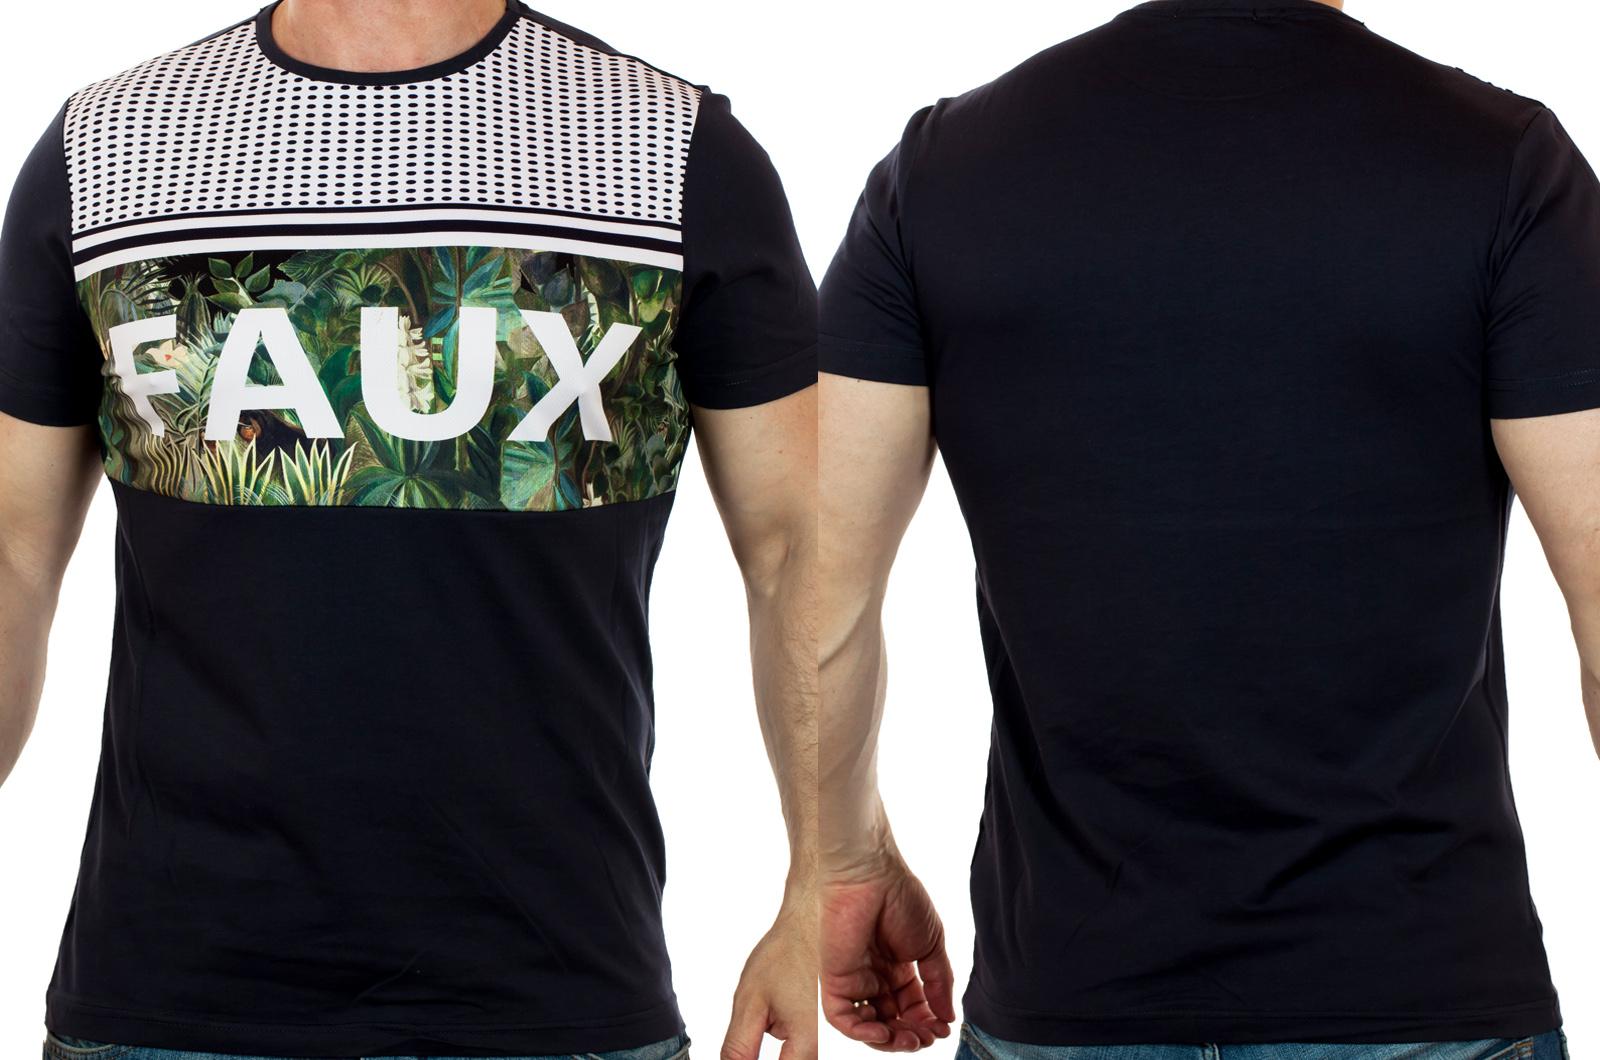 Универсальная мужская футболка SPLASH с горизонтальными полосами – классика стиля